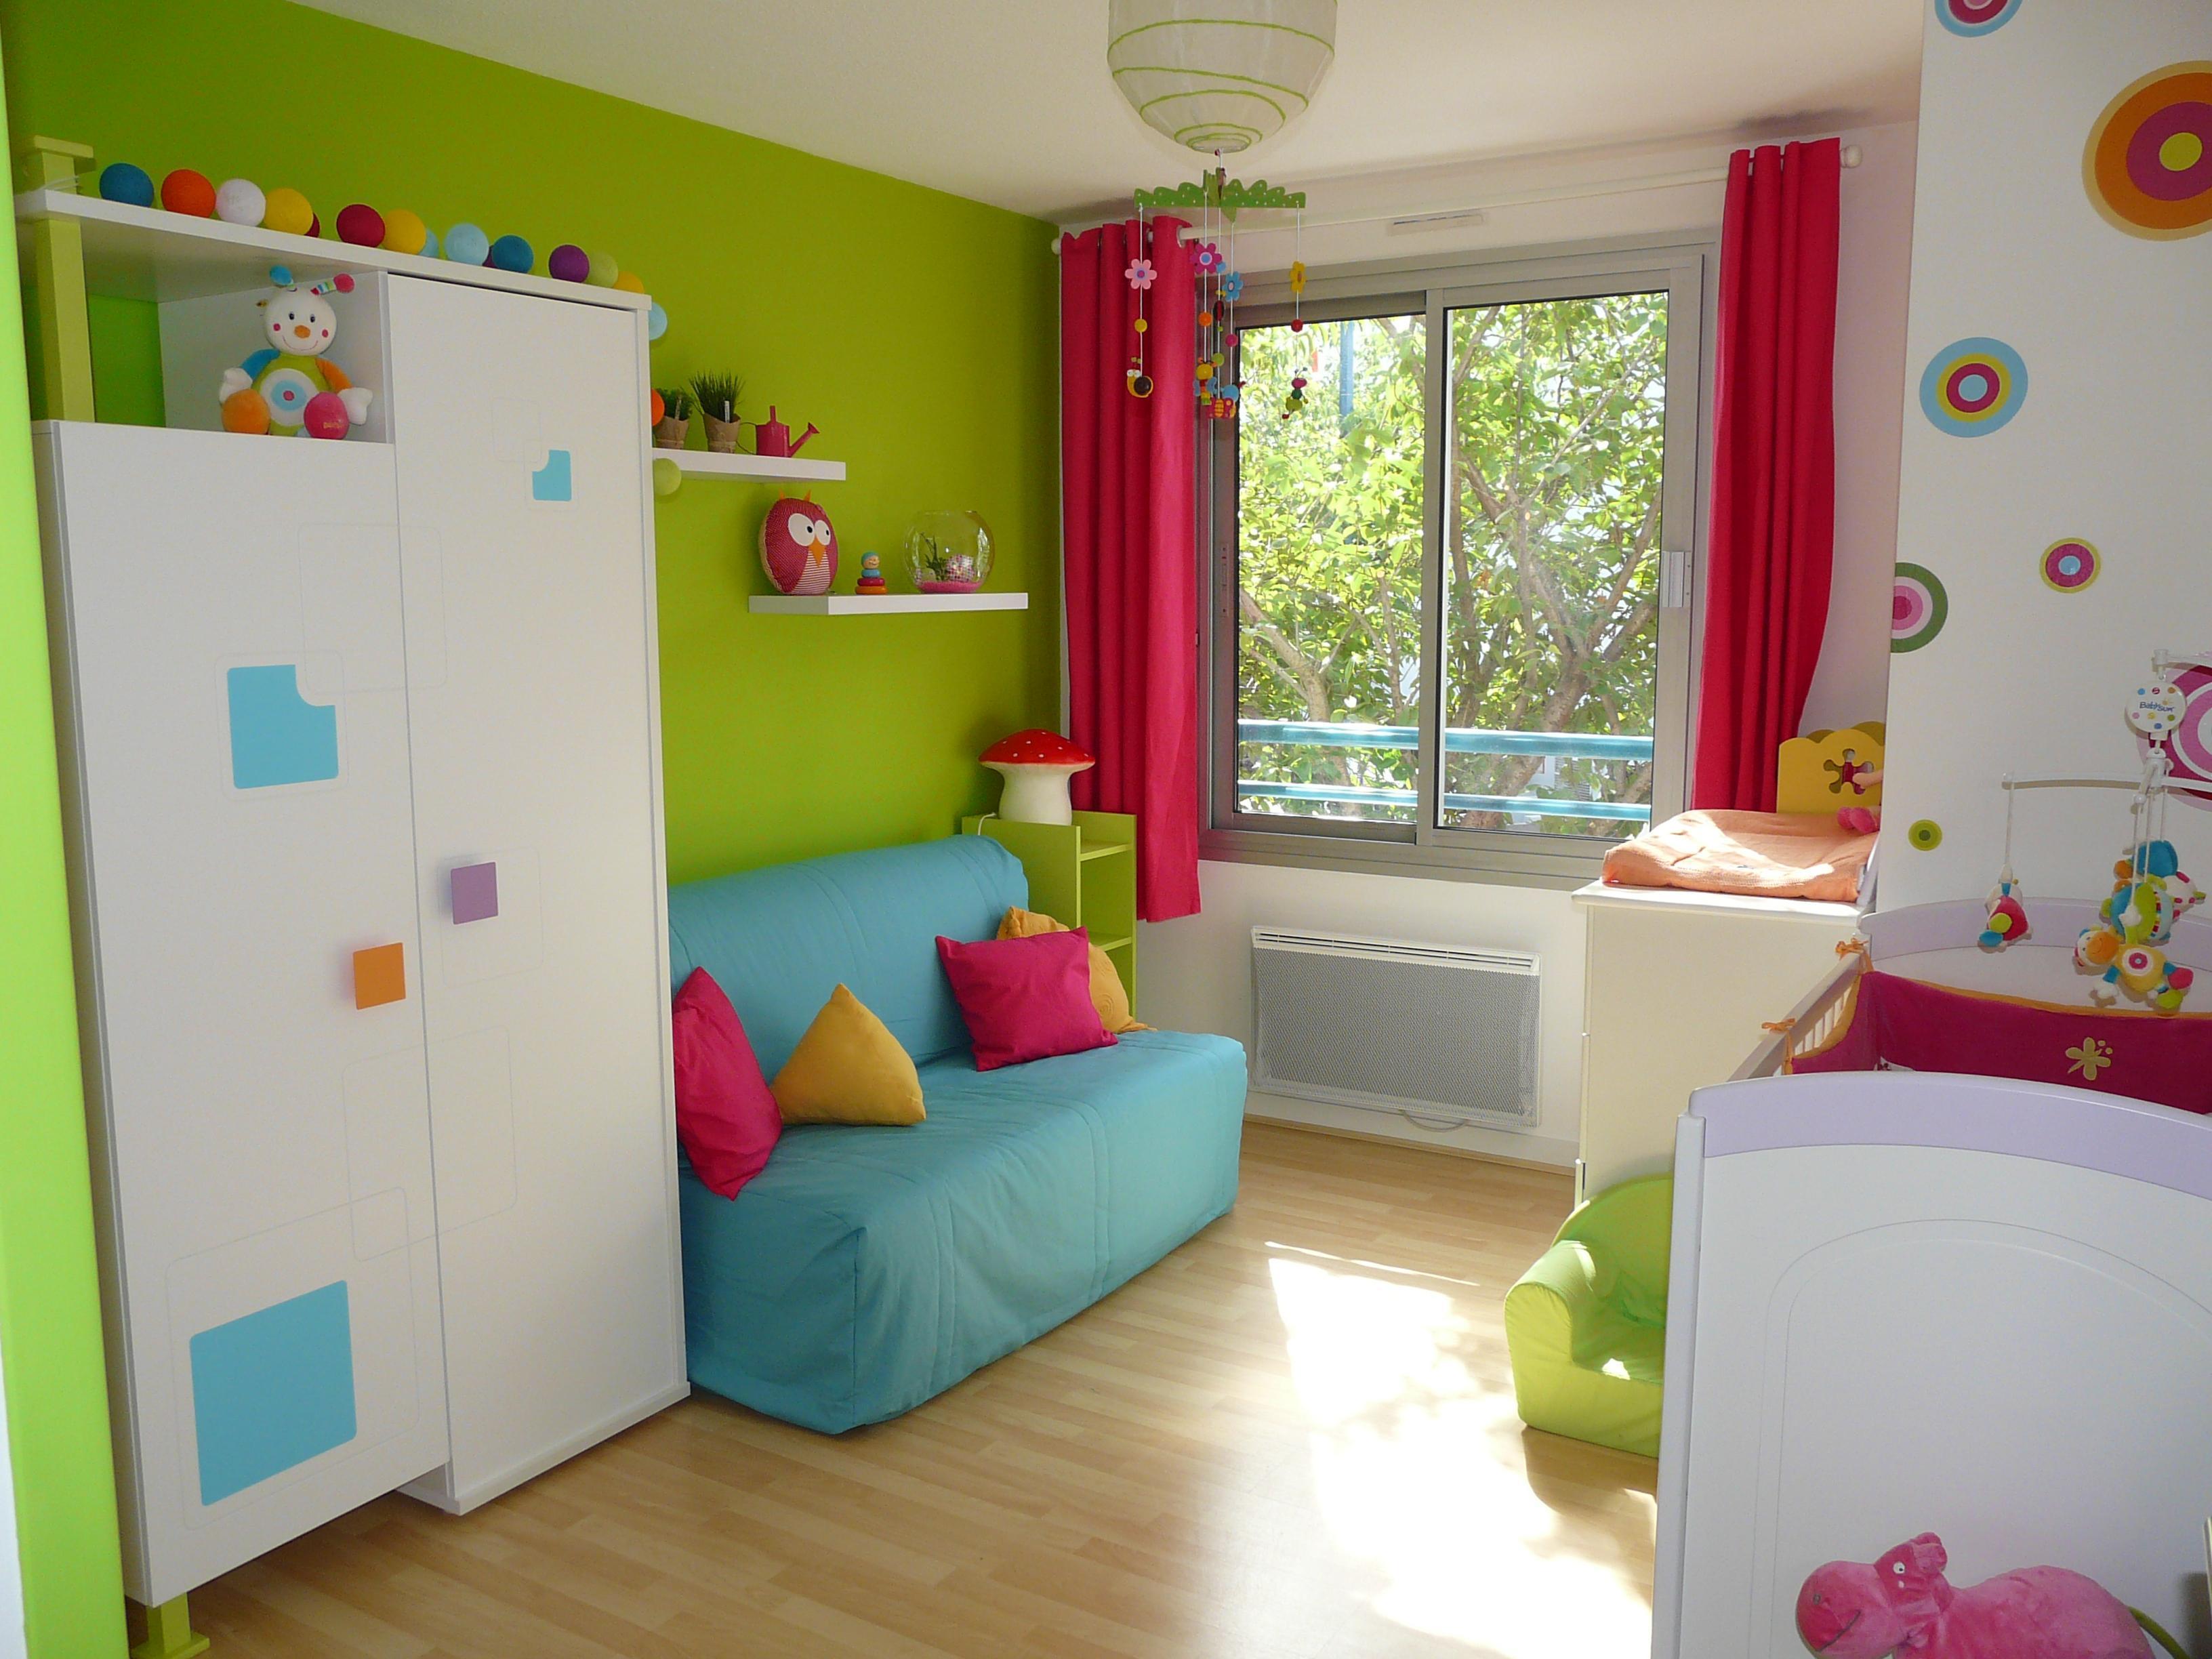 photodecorationdecorationchambregarconetfille9jpg